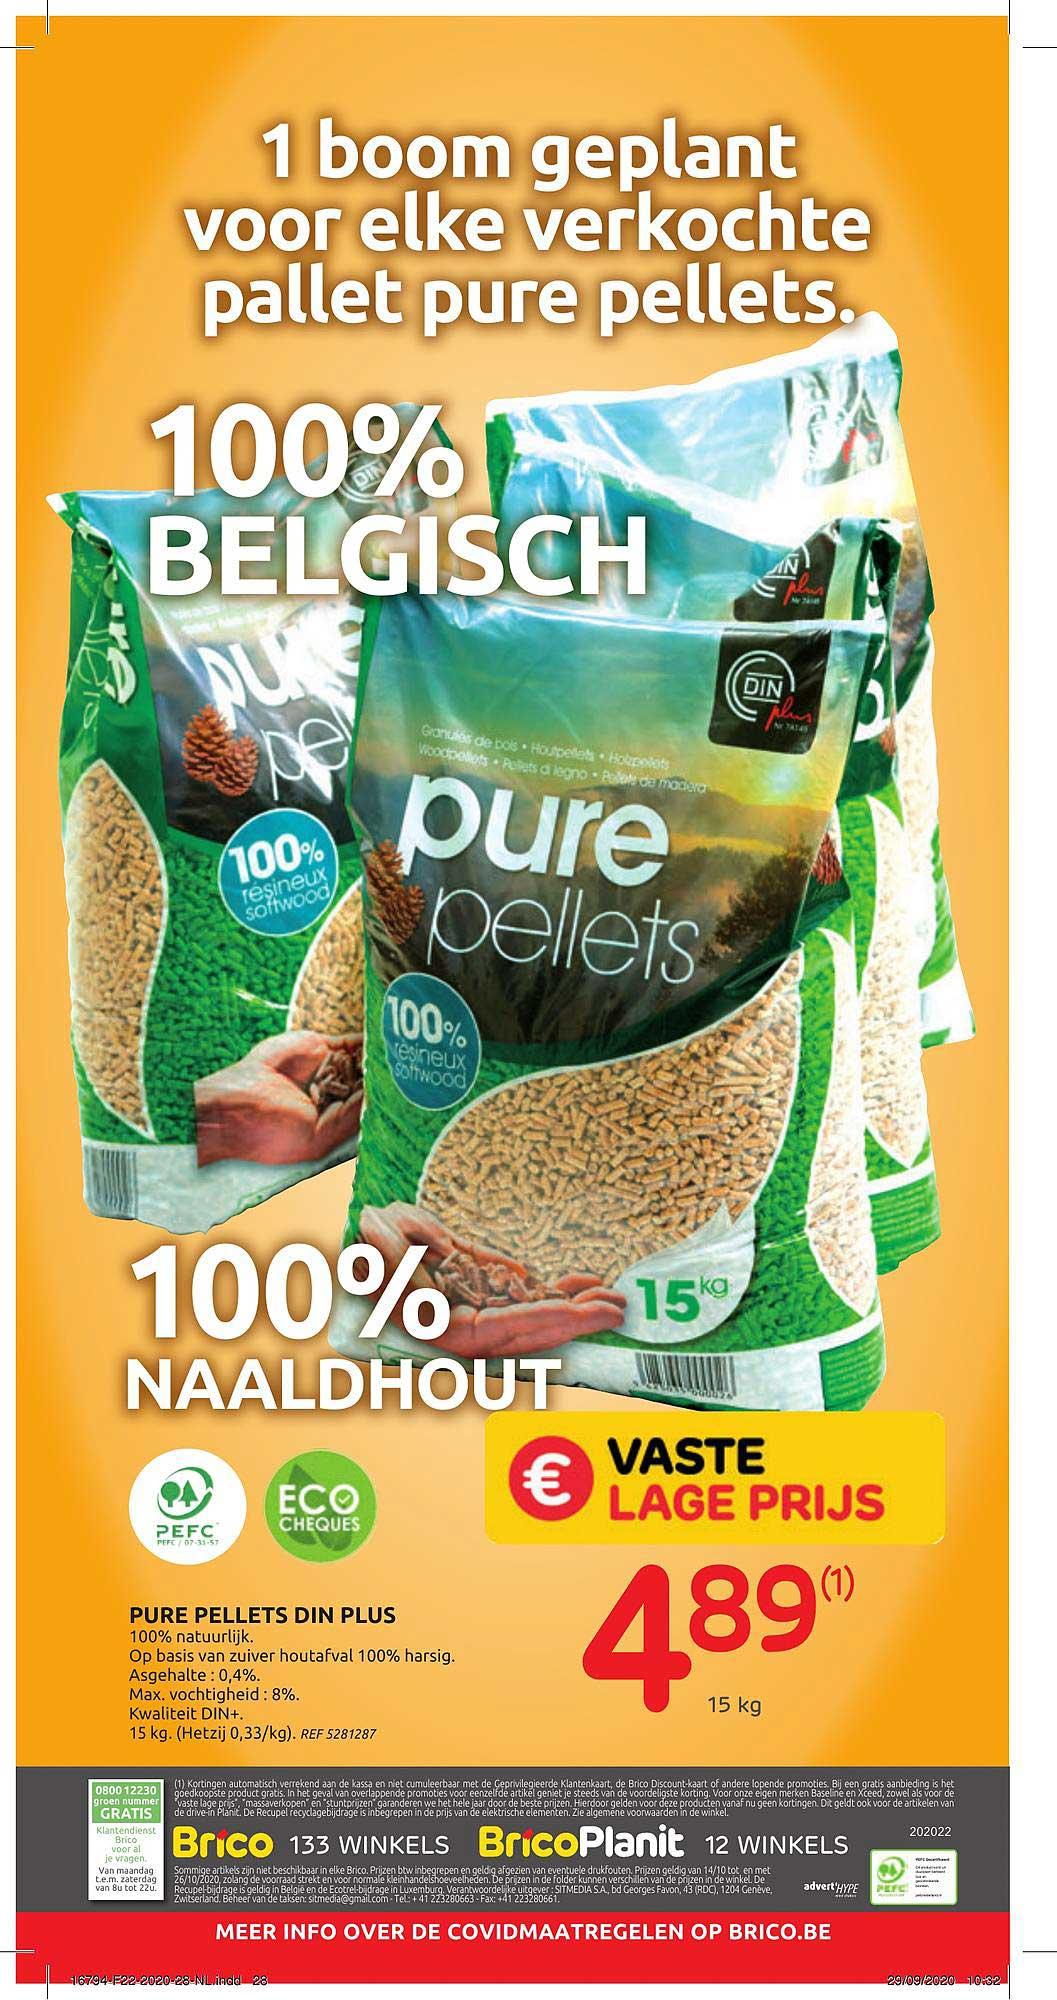 Brico Pure Pellets Din Plus